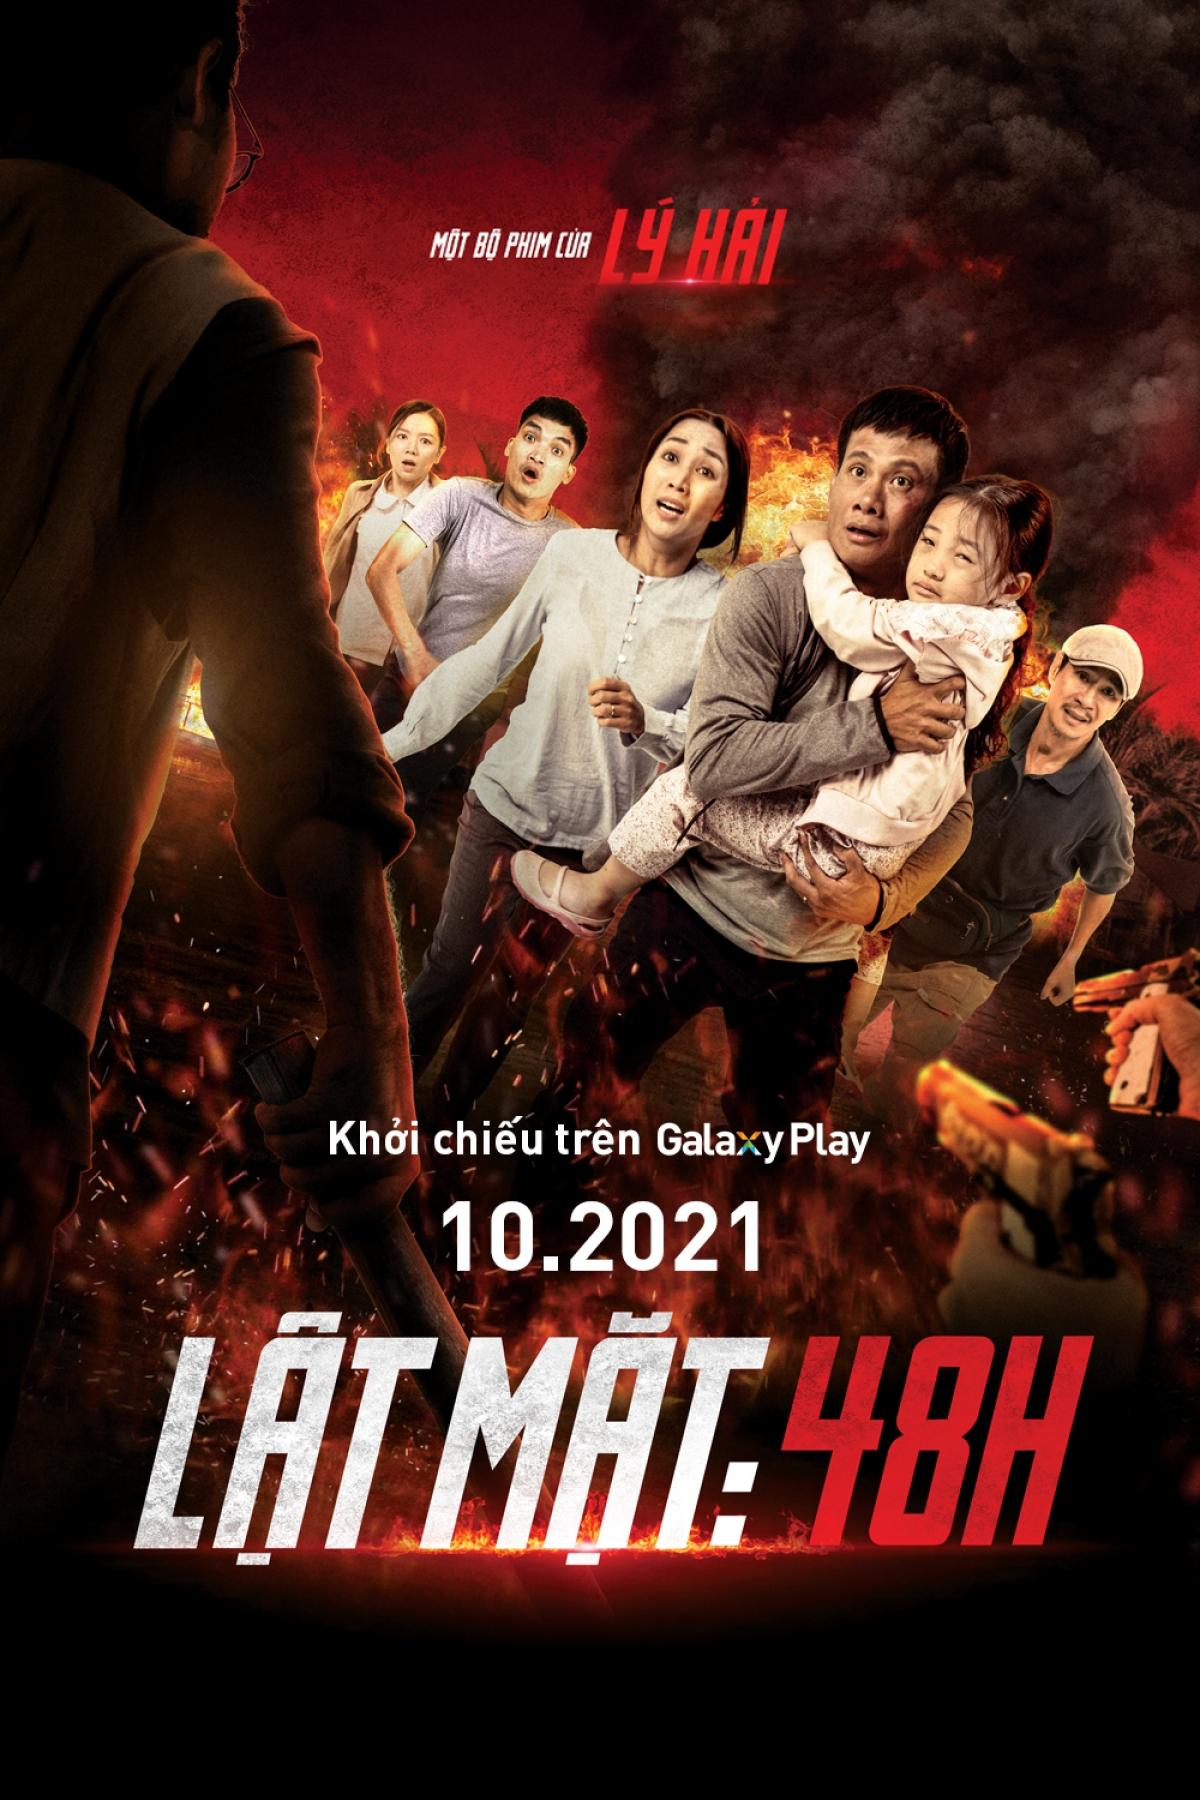 'Lật mặt: 48H' ra mắt khán giả xem phim online từ 16/10 - Ảnh 1.